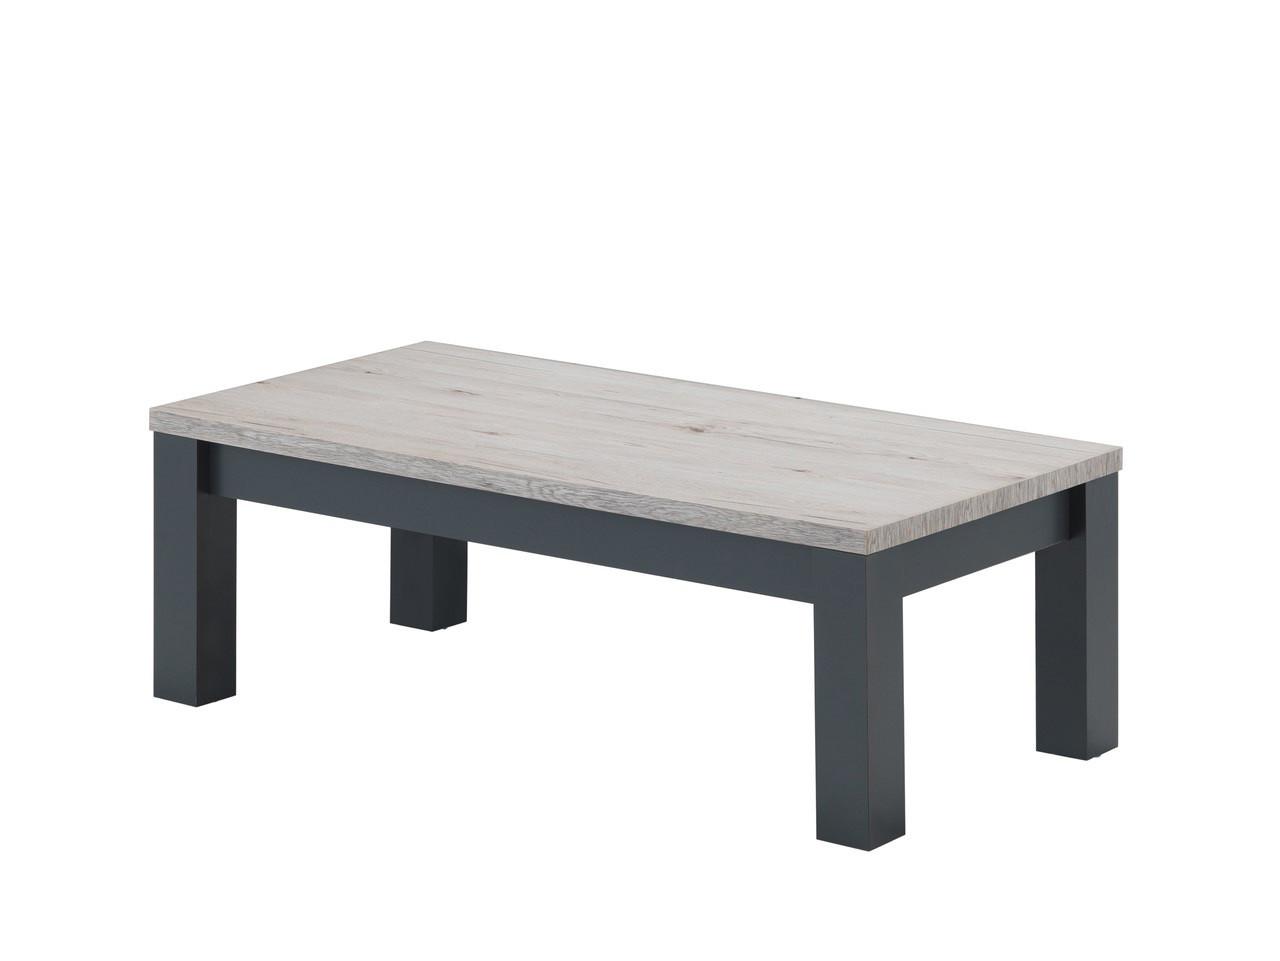 Table basse contemporaine coloris chêne clair Freddy